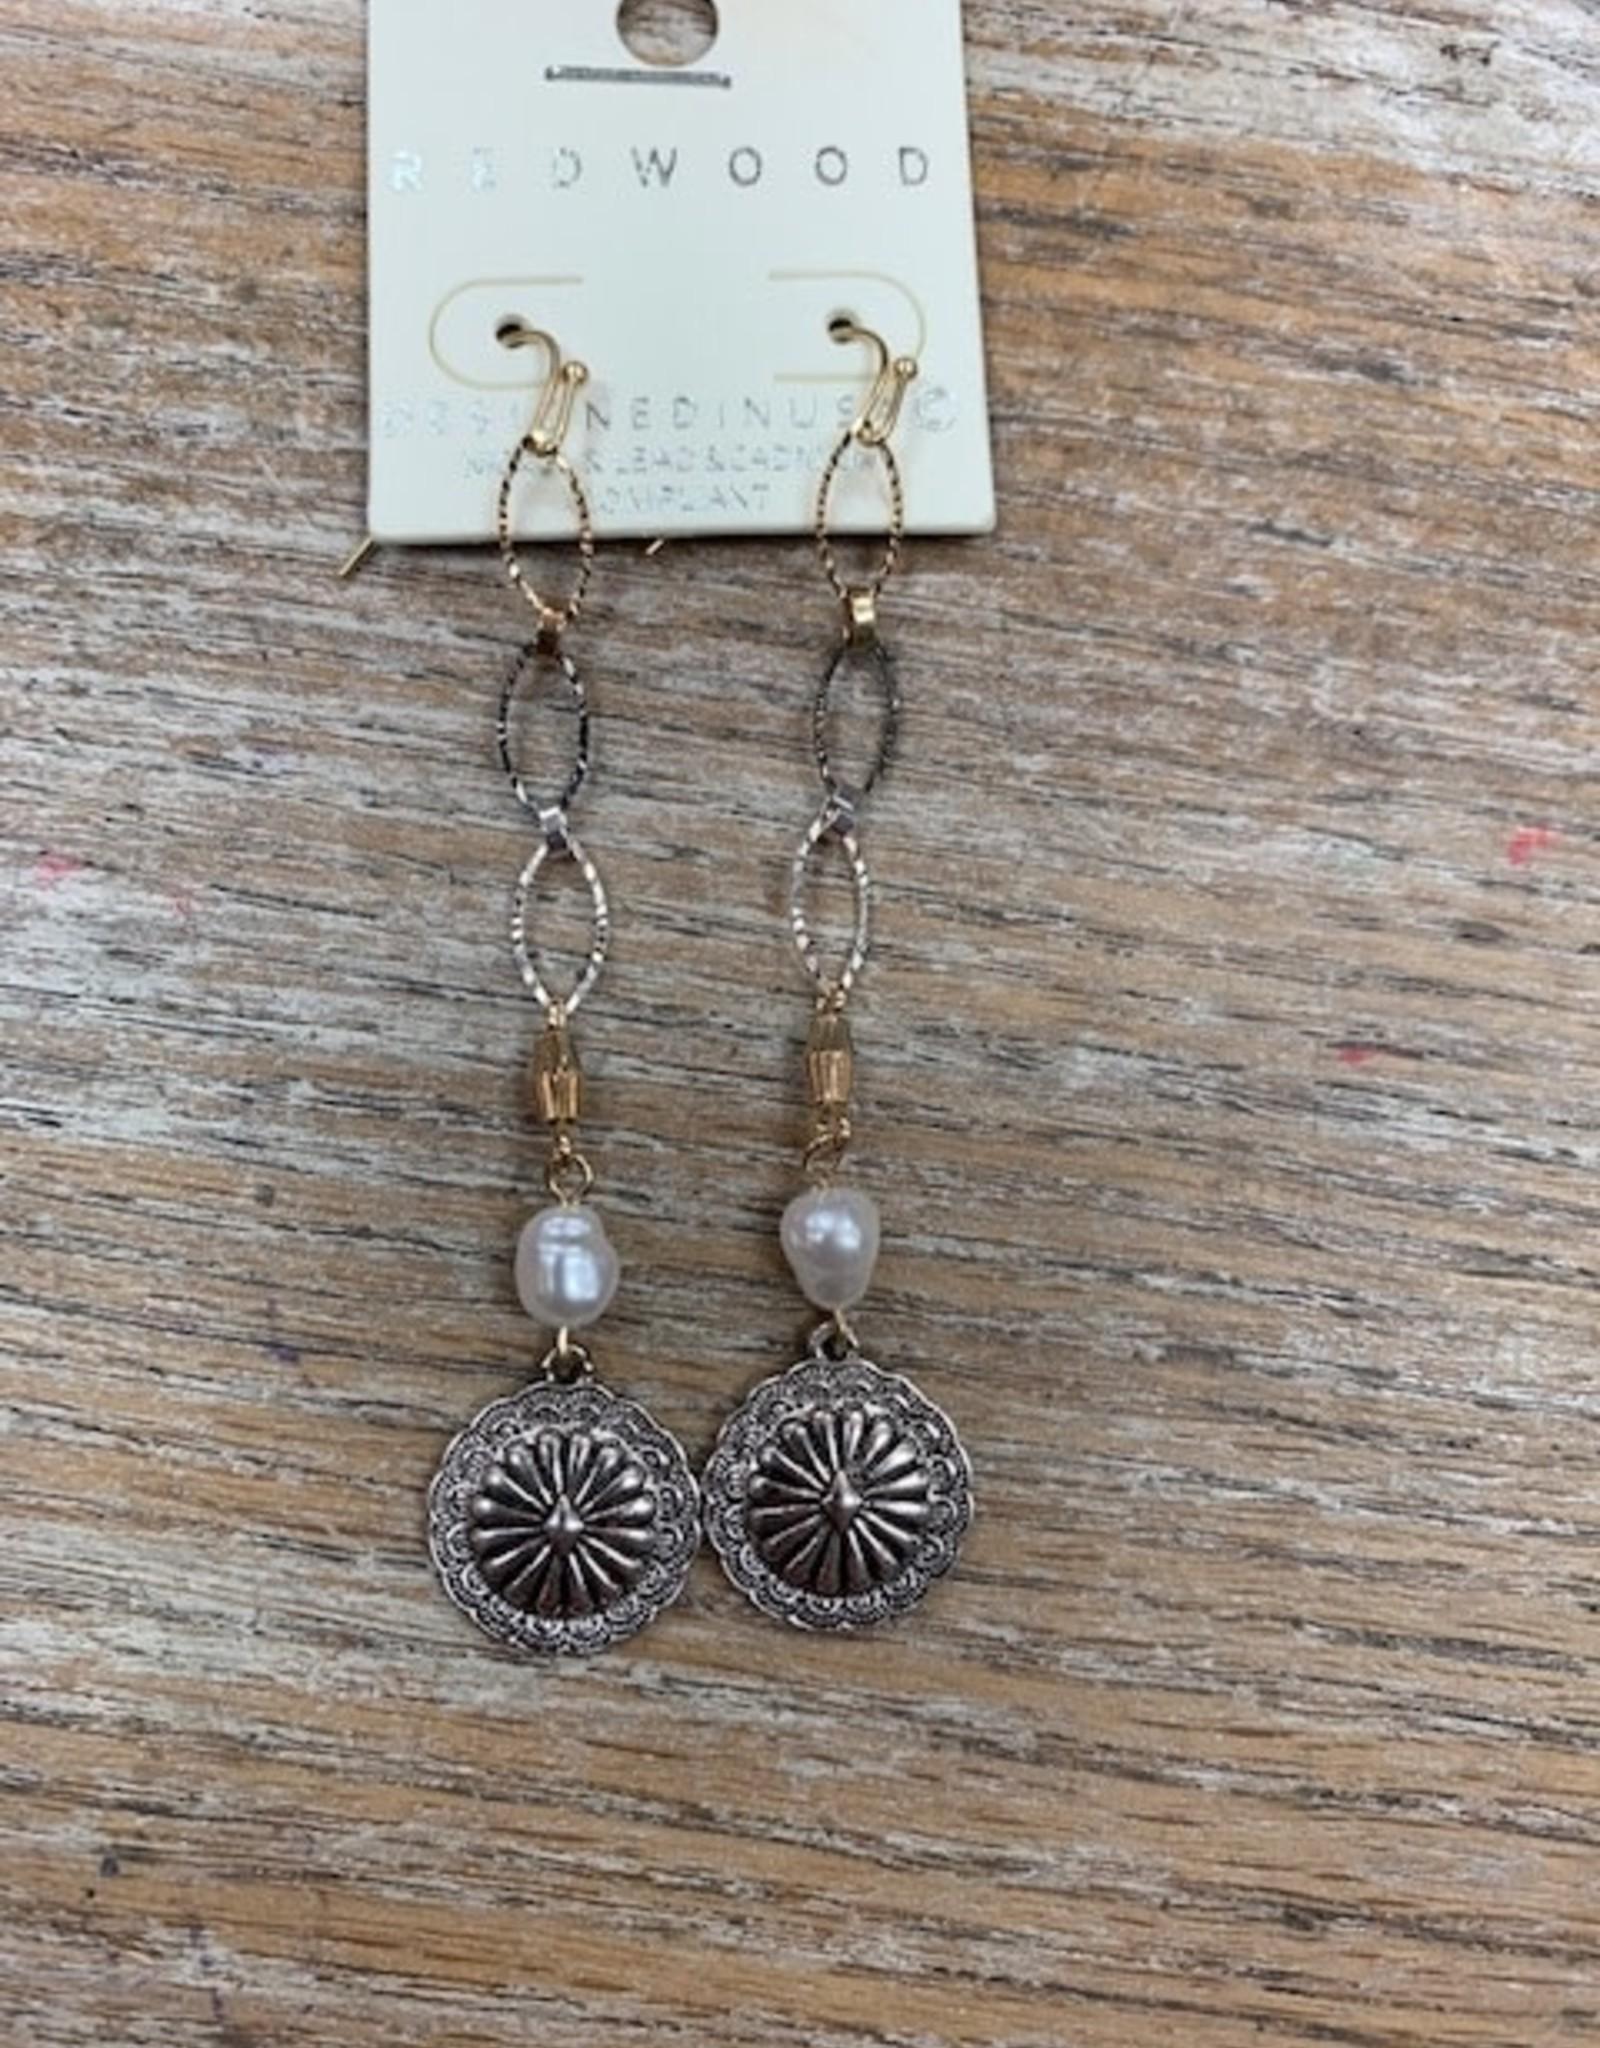 Jewelry Long Chain Pendant Earrings